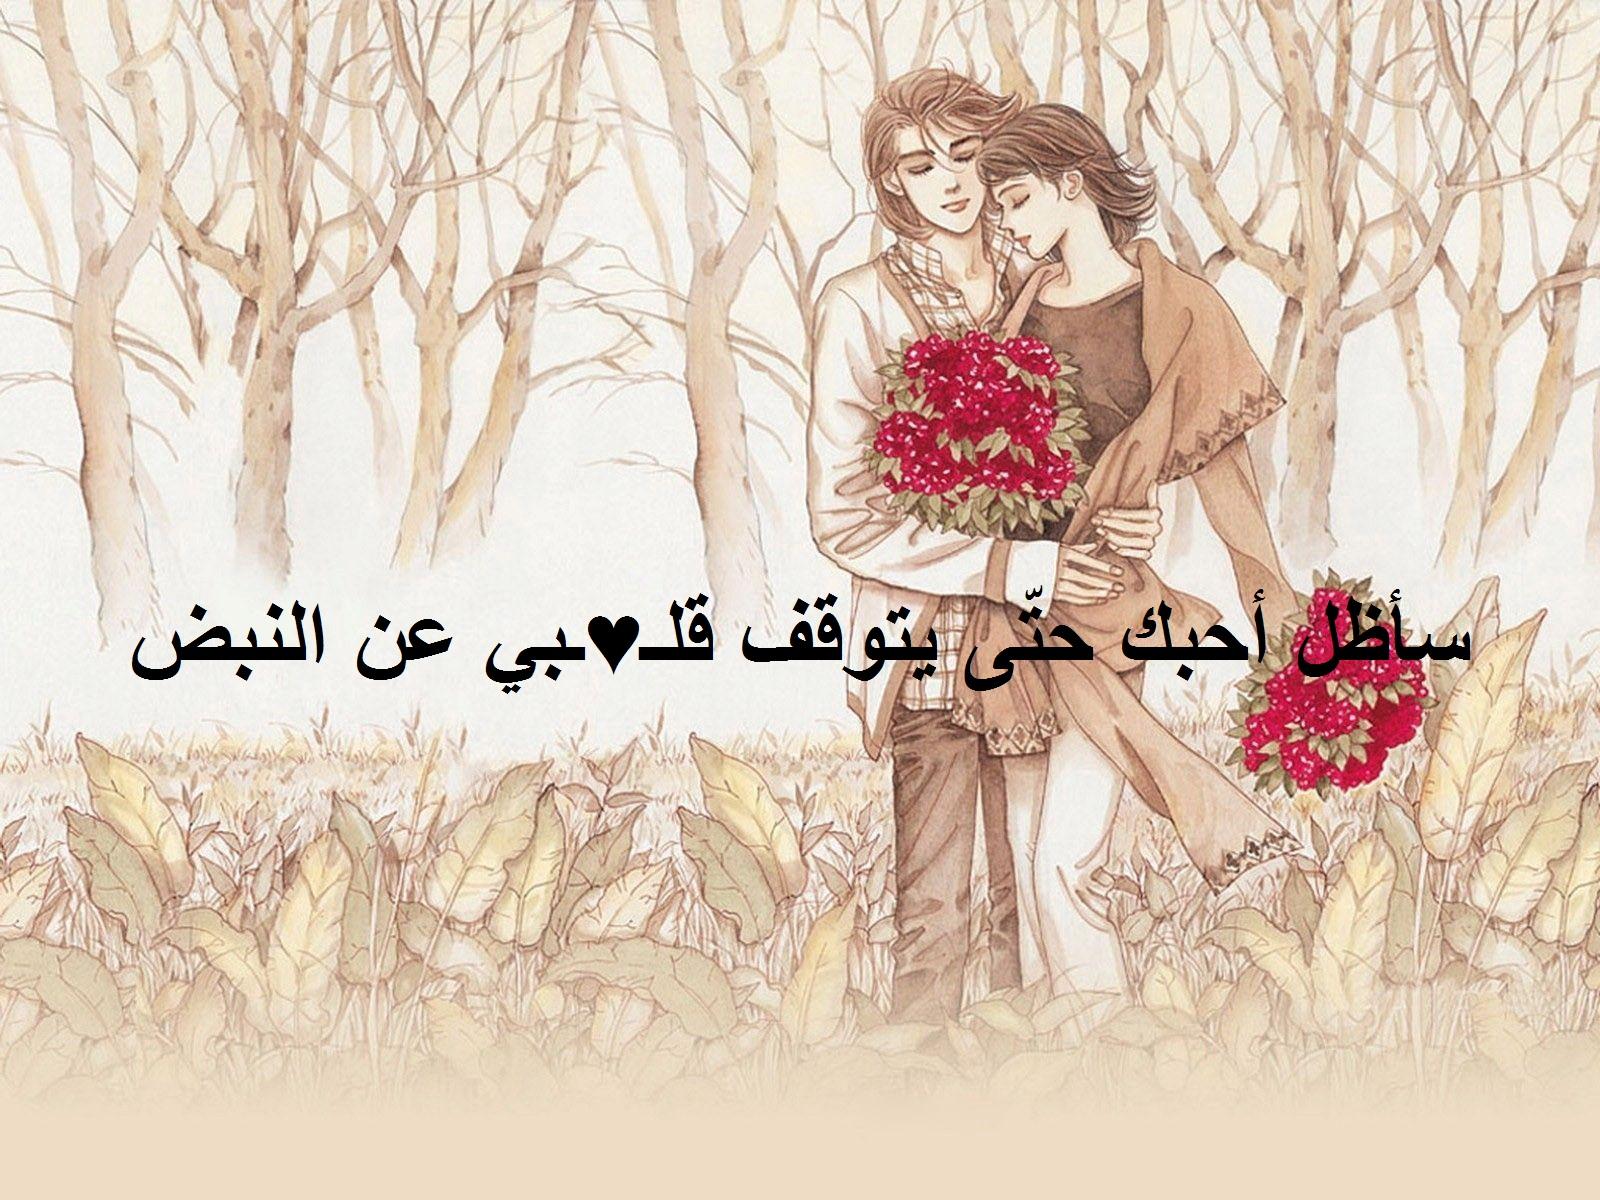 رسائل رومانسية تعبر عن لوعة الحب والغرام أجمل رسائل أحبك للعاشقين